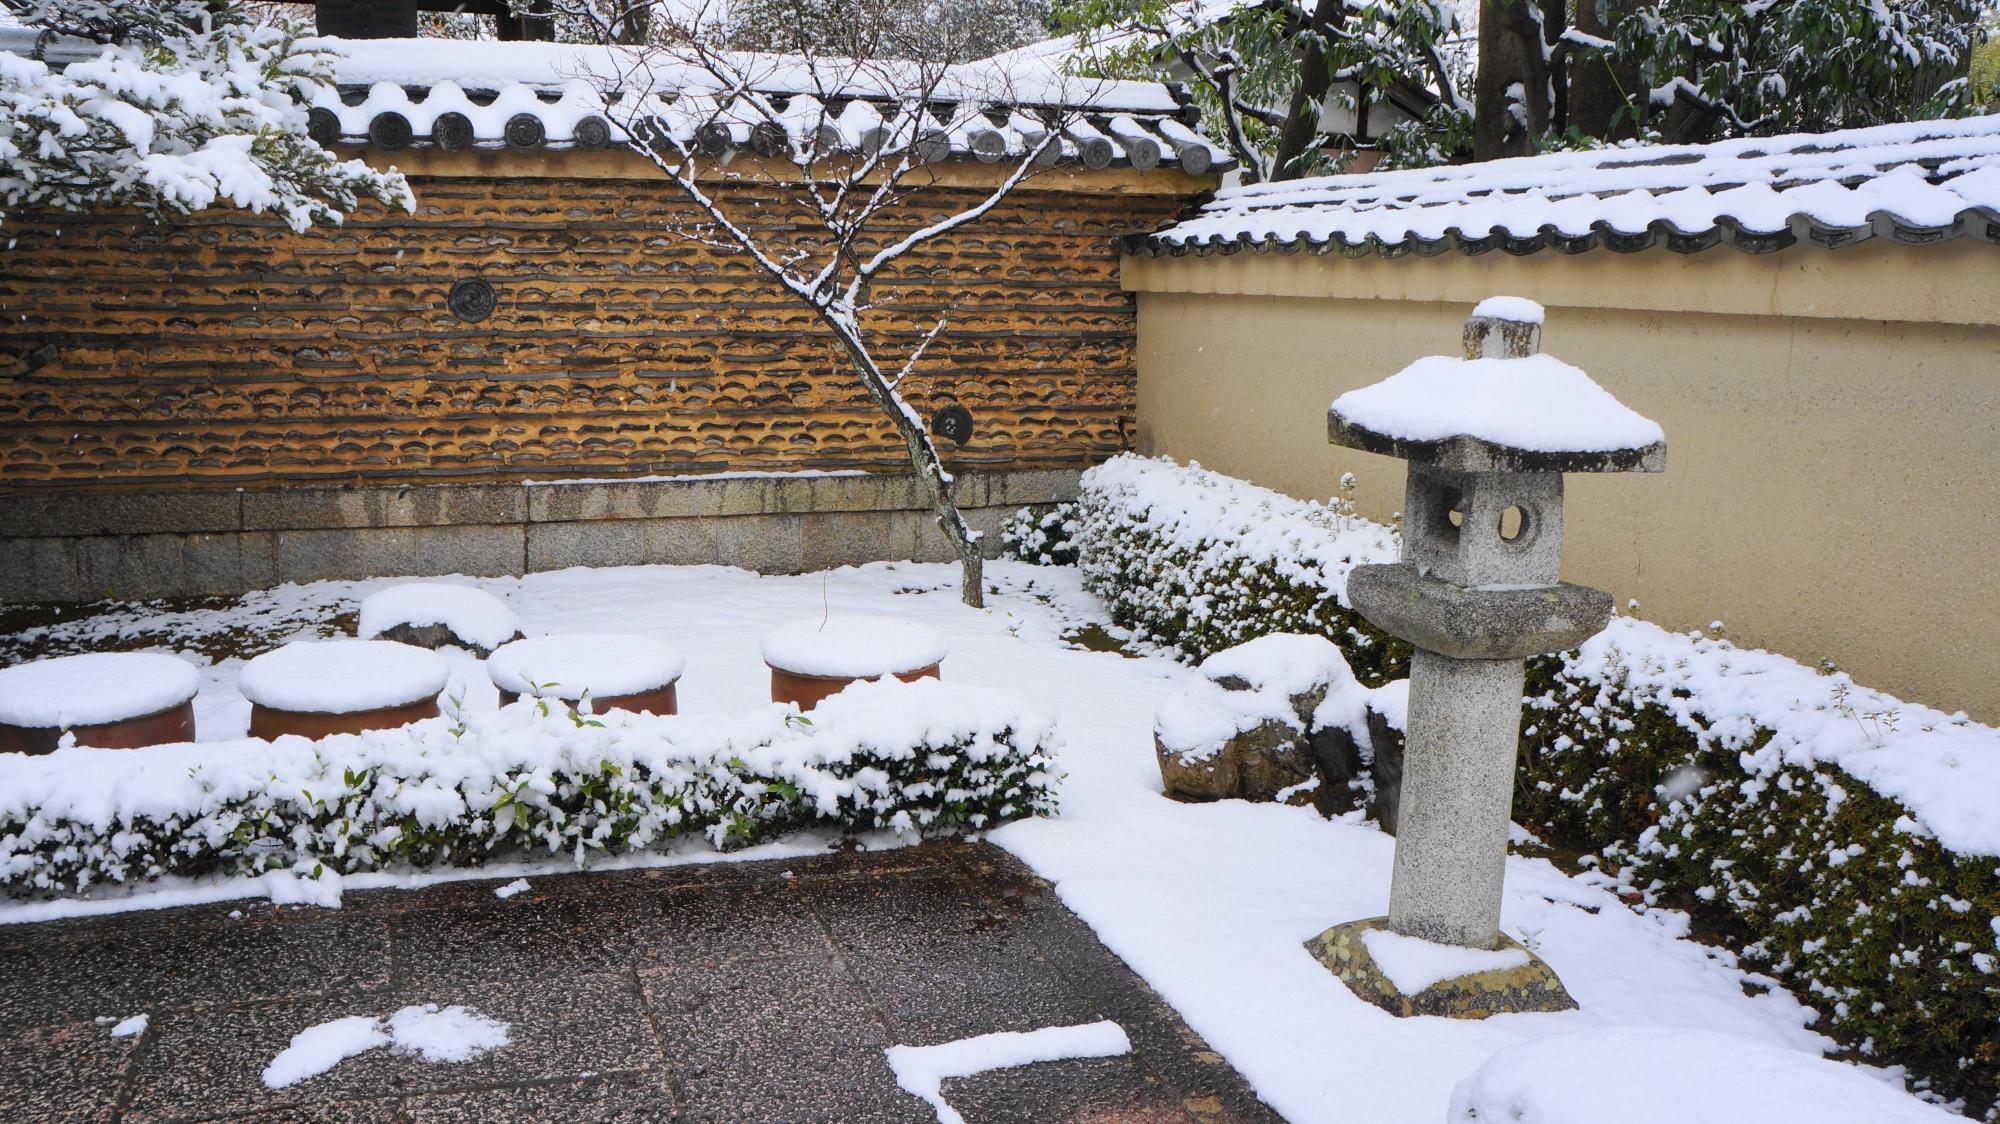 芳春院の蟷螂や土塀などの雪化粧